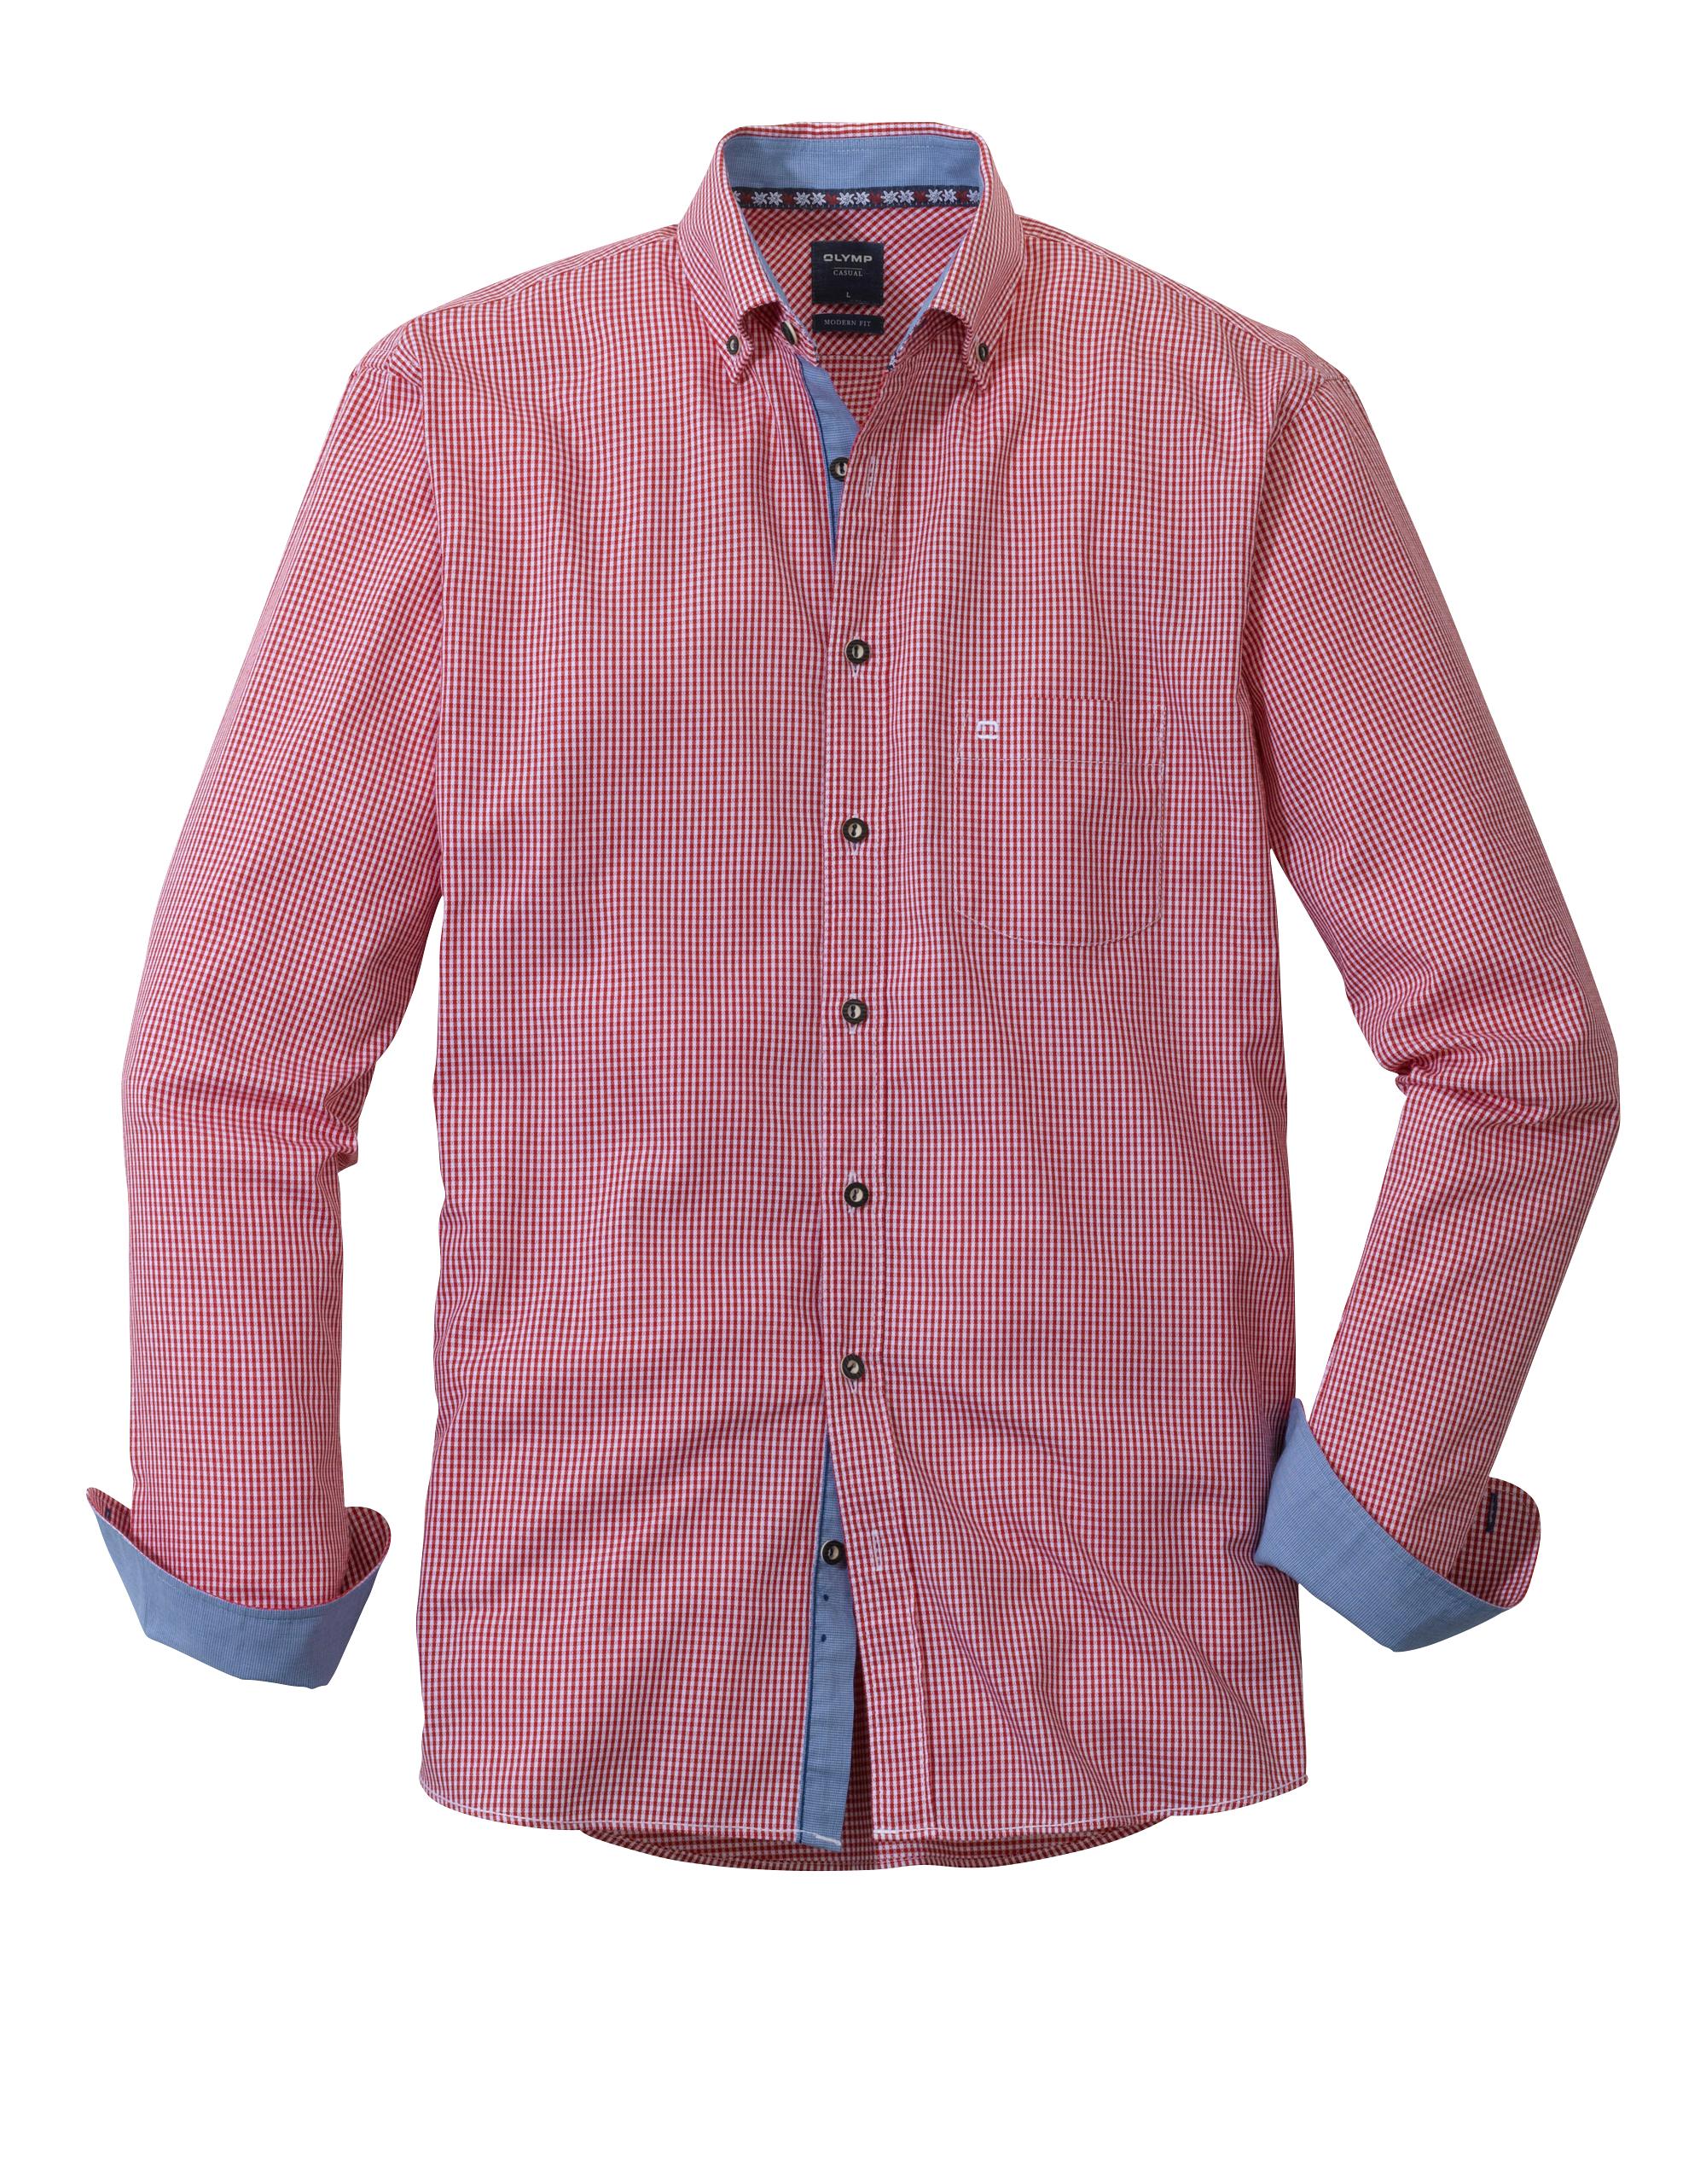 OLYMP Trachtenhemd, modern fit, Button-down, Rot, XL   Bekleidung > Hemden > Trachtenhemden   Rot   100% baumwolle   OLYMP Trachtenhemd